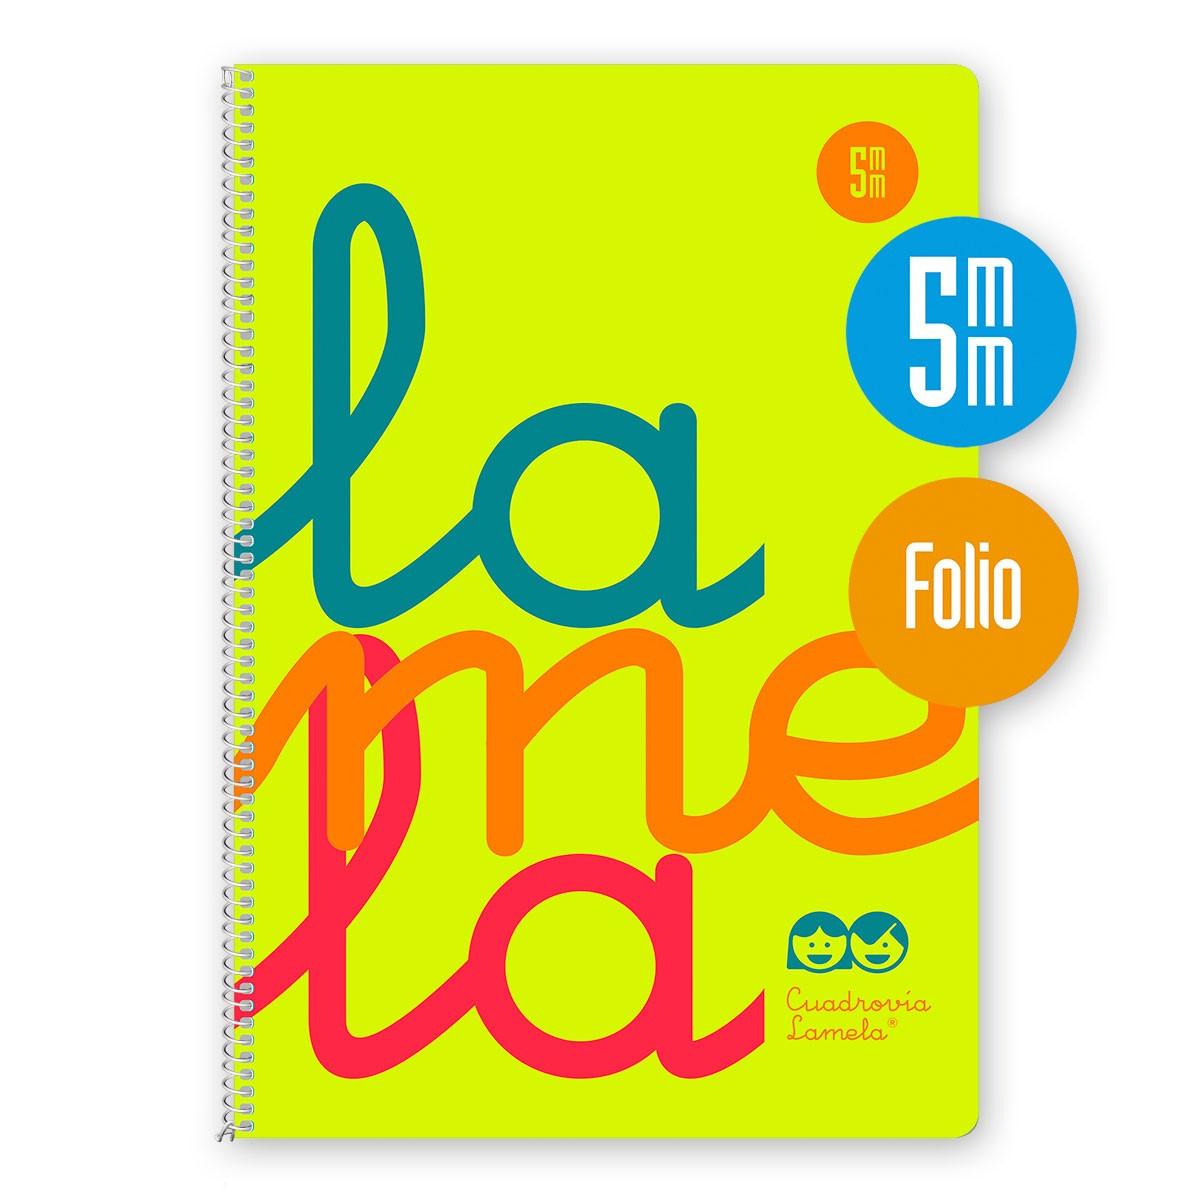 Cuaderno Espiral Folio 80 Hojas, 90 Grs. Cubierta Polipropileno Fluor. AMARILLO. Cuadrovía 5mm.